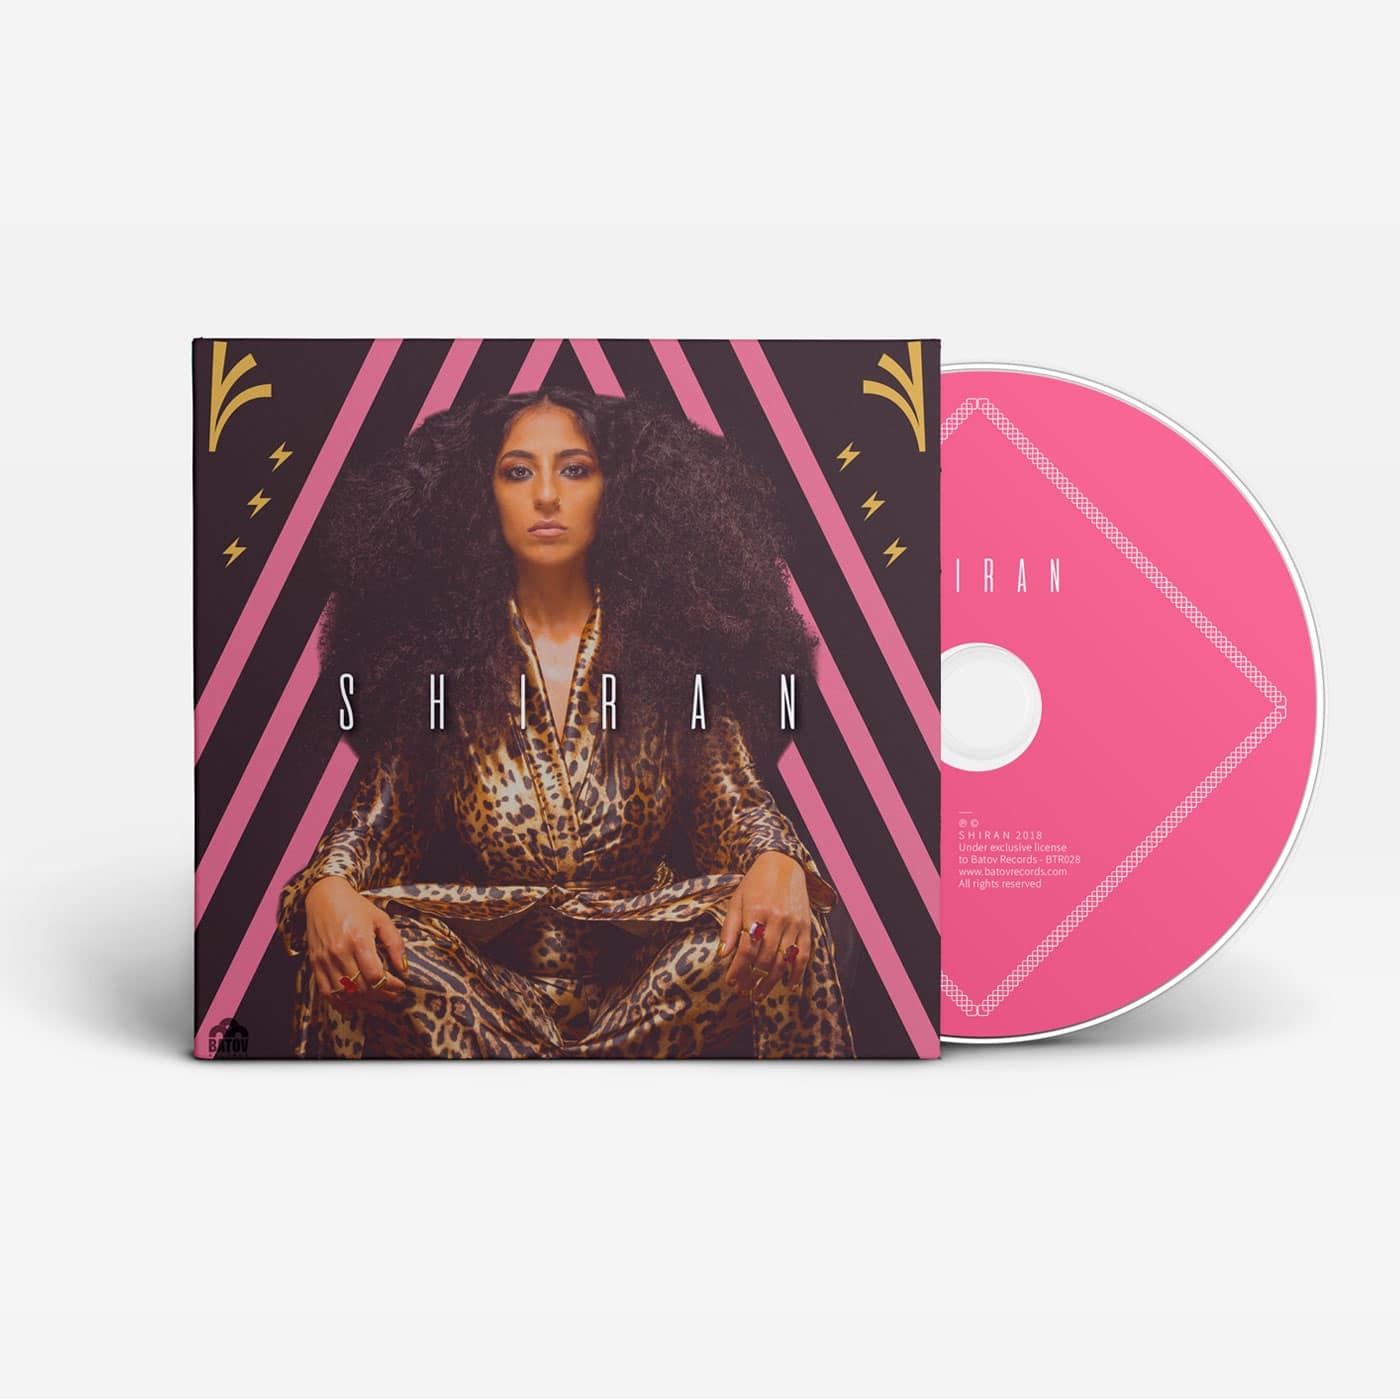 S H I R A N - شيران (CD) 1